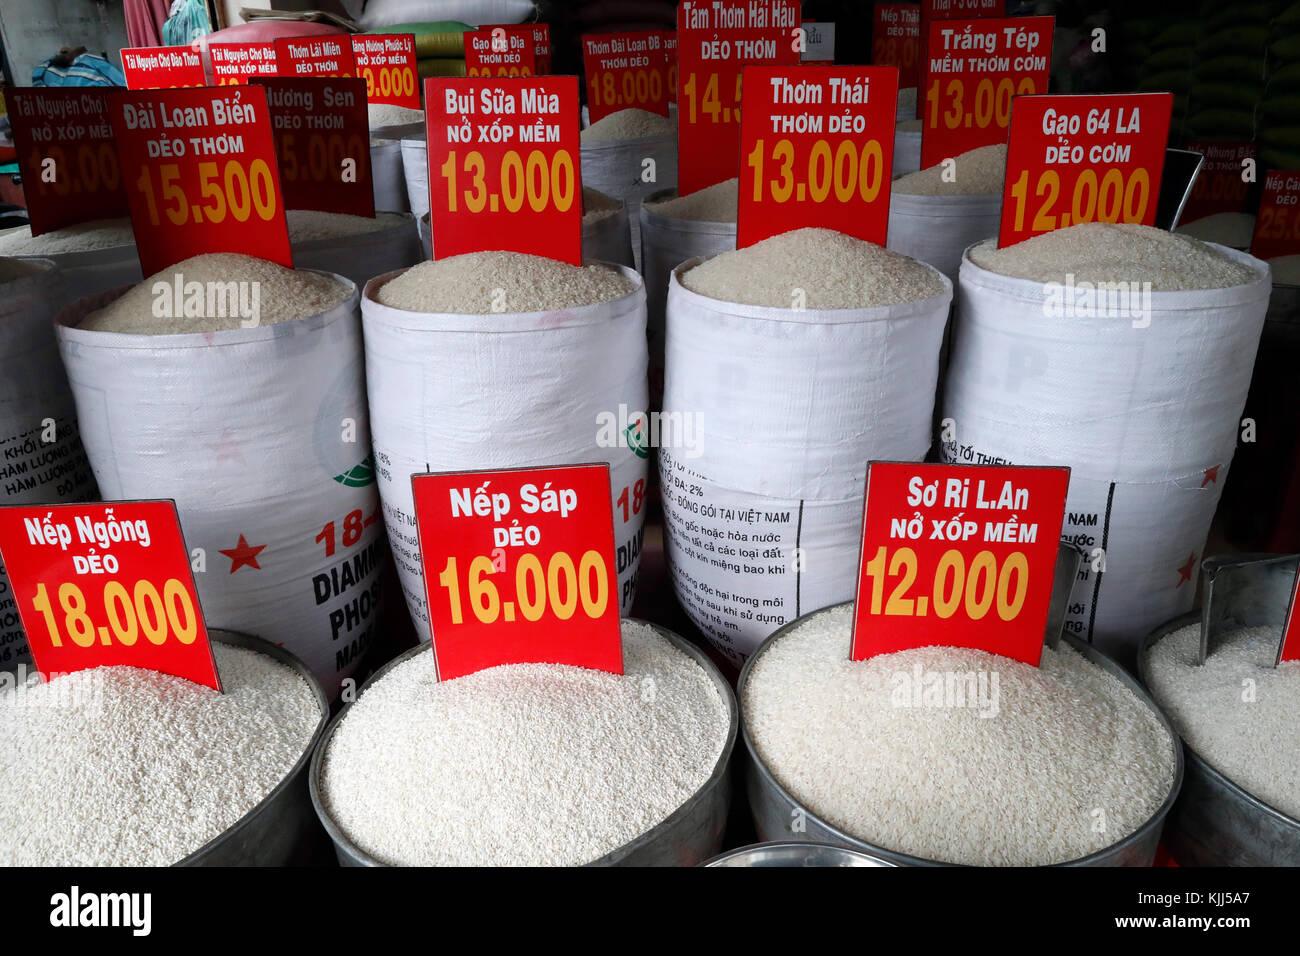 Price of white rice per kilogram in Vietnam Dong. Ho Chi Minh City. Vietnam. - Stock Image